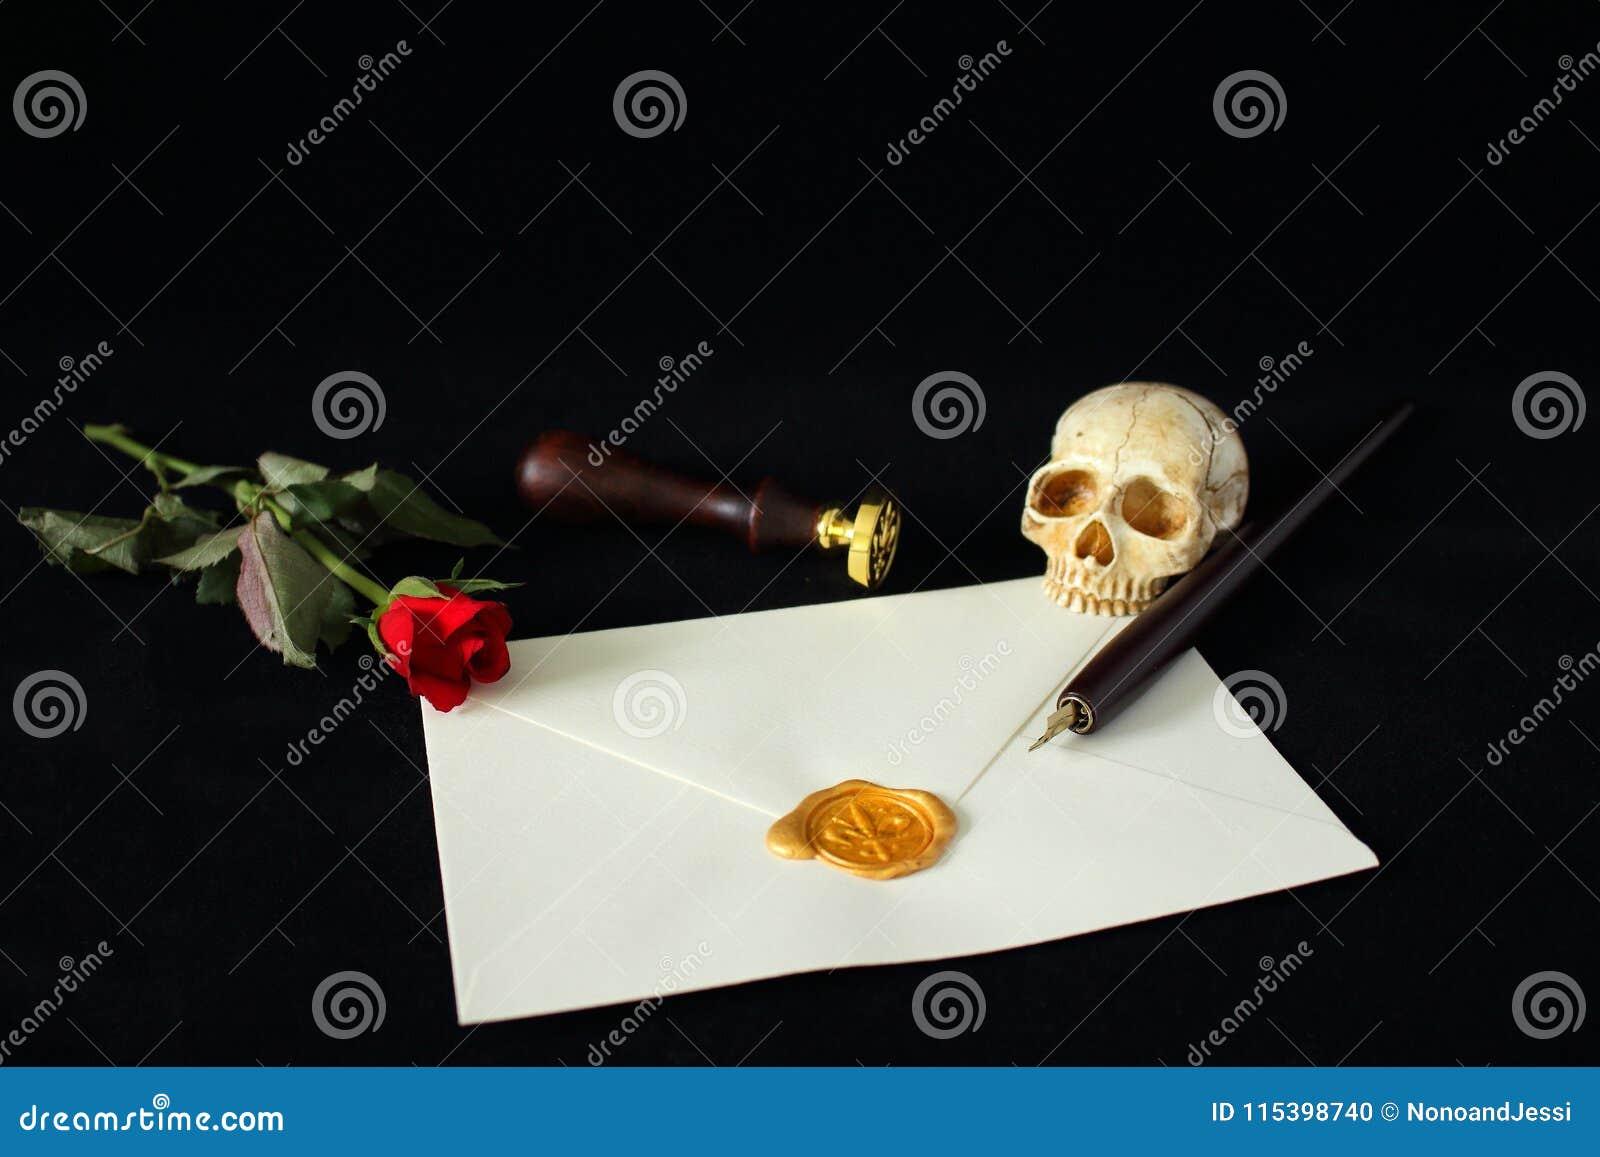 Lettre de message avec le seau sur le fond noir accompagné d une rose rouge et d un crâne humain mauvais